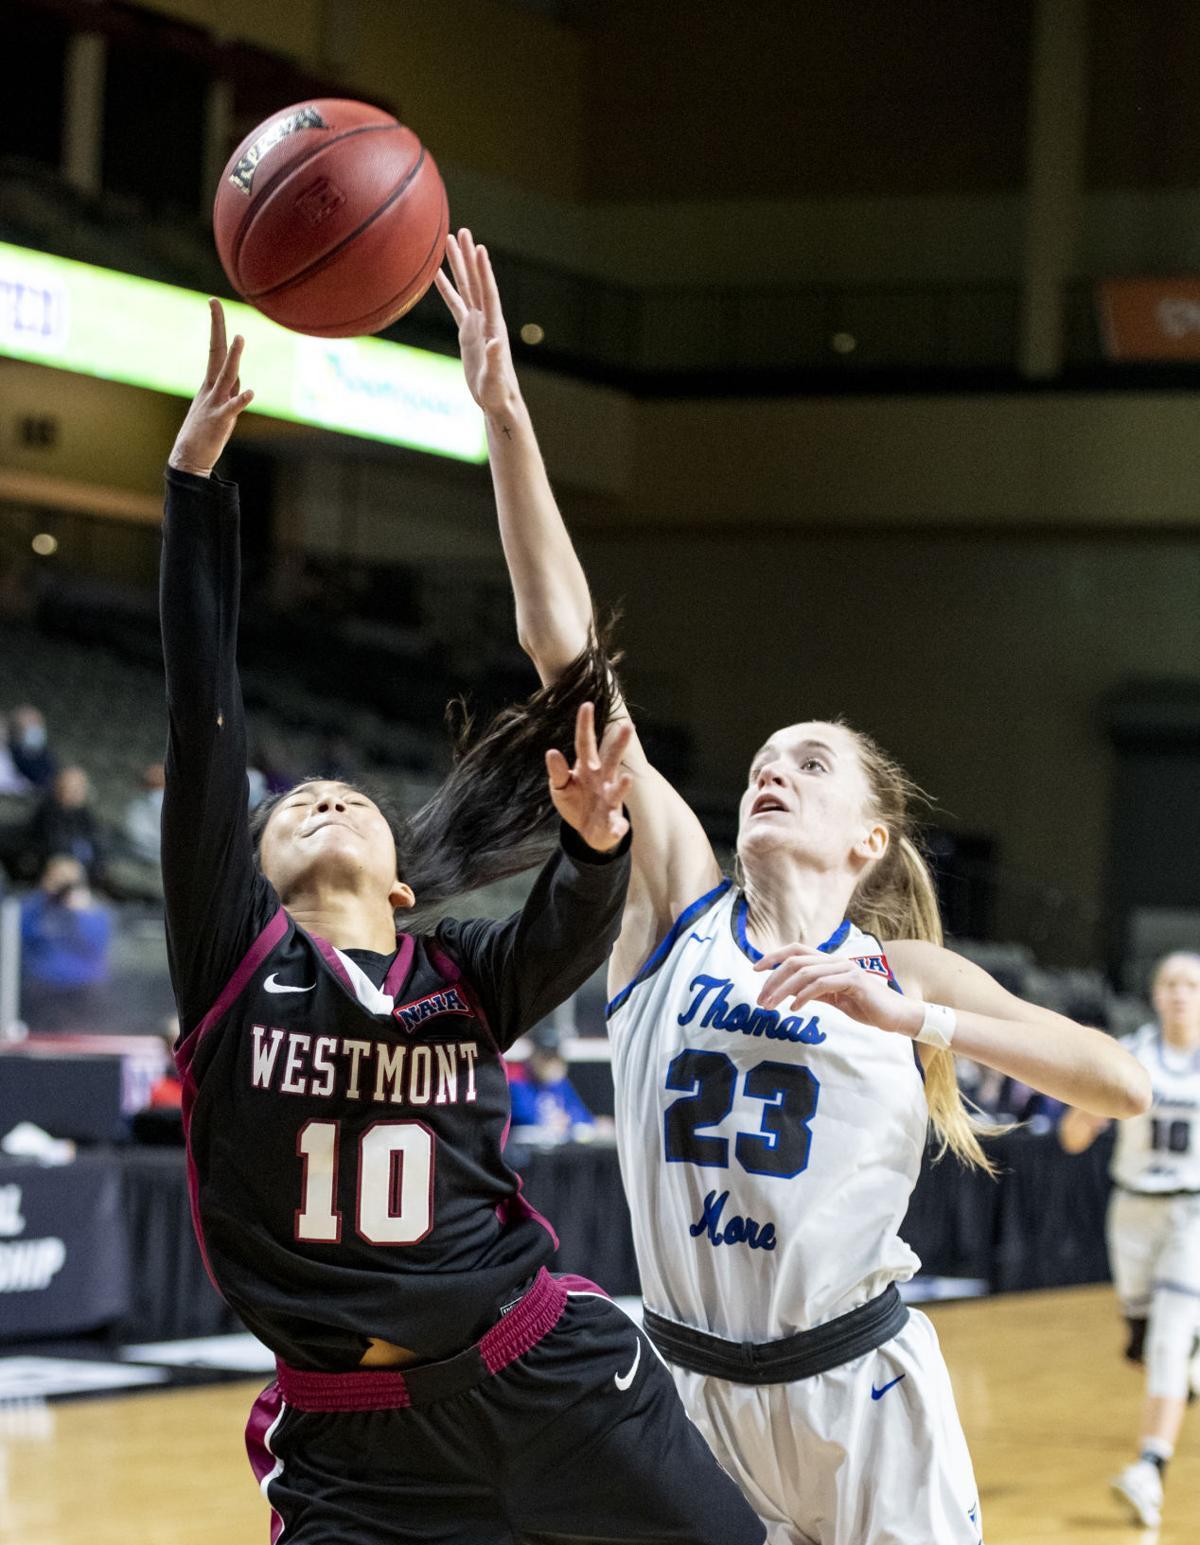 NAIA womens basketball championship